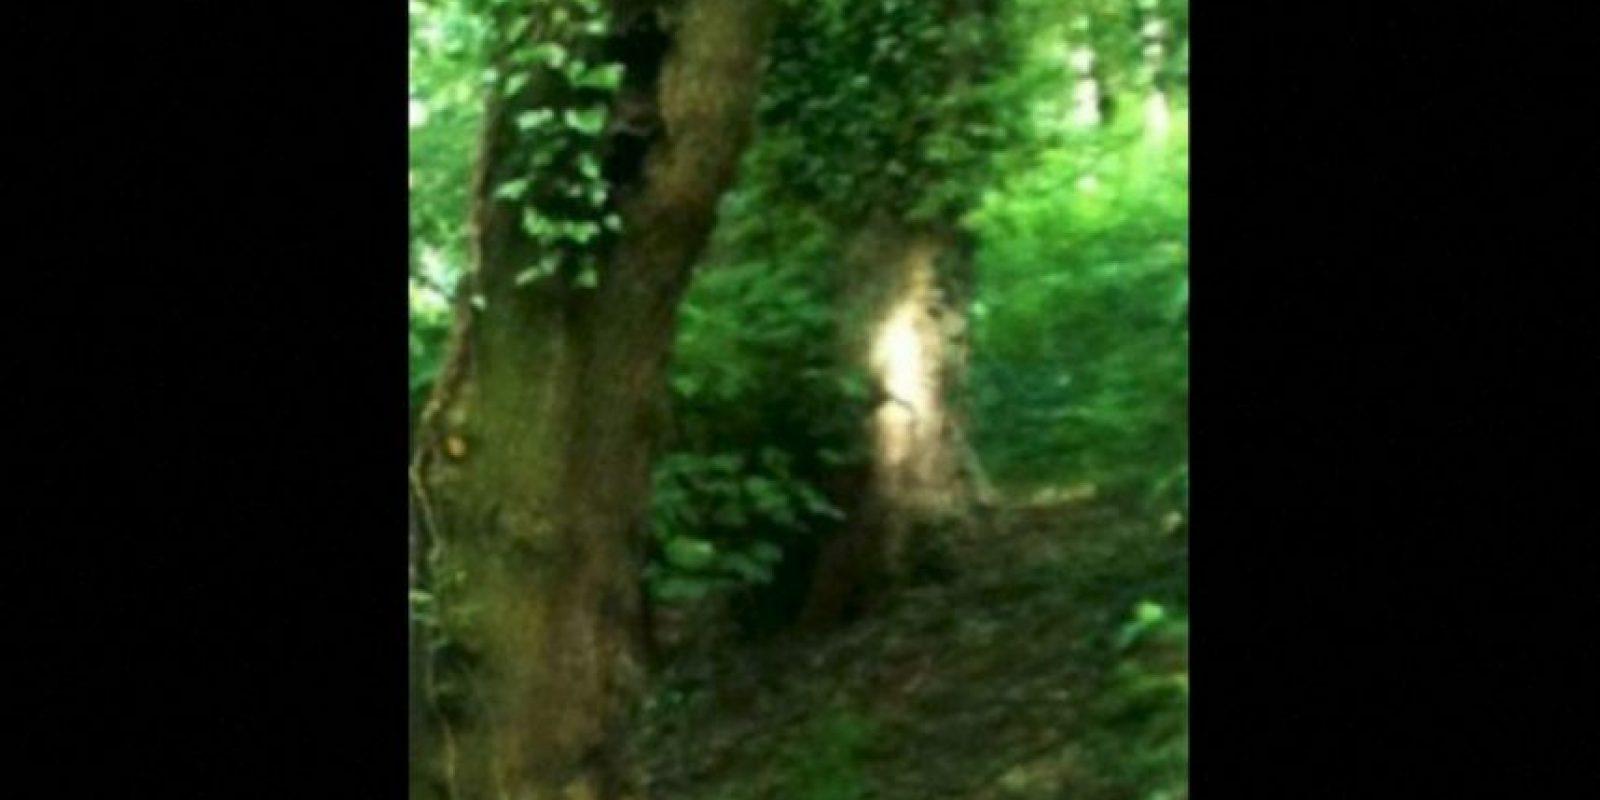 7. Elaine Steward, de 65 años, se llevó una gran sopresa al descubrir algo insólito en una de las fotos que tomó mientras realizaba una caminata. Foto:Birminghamhistory